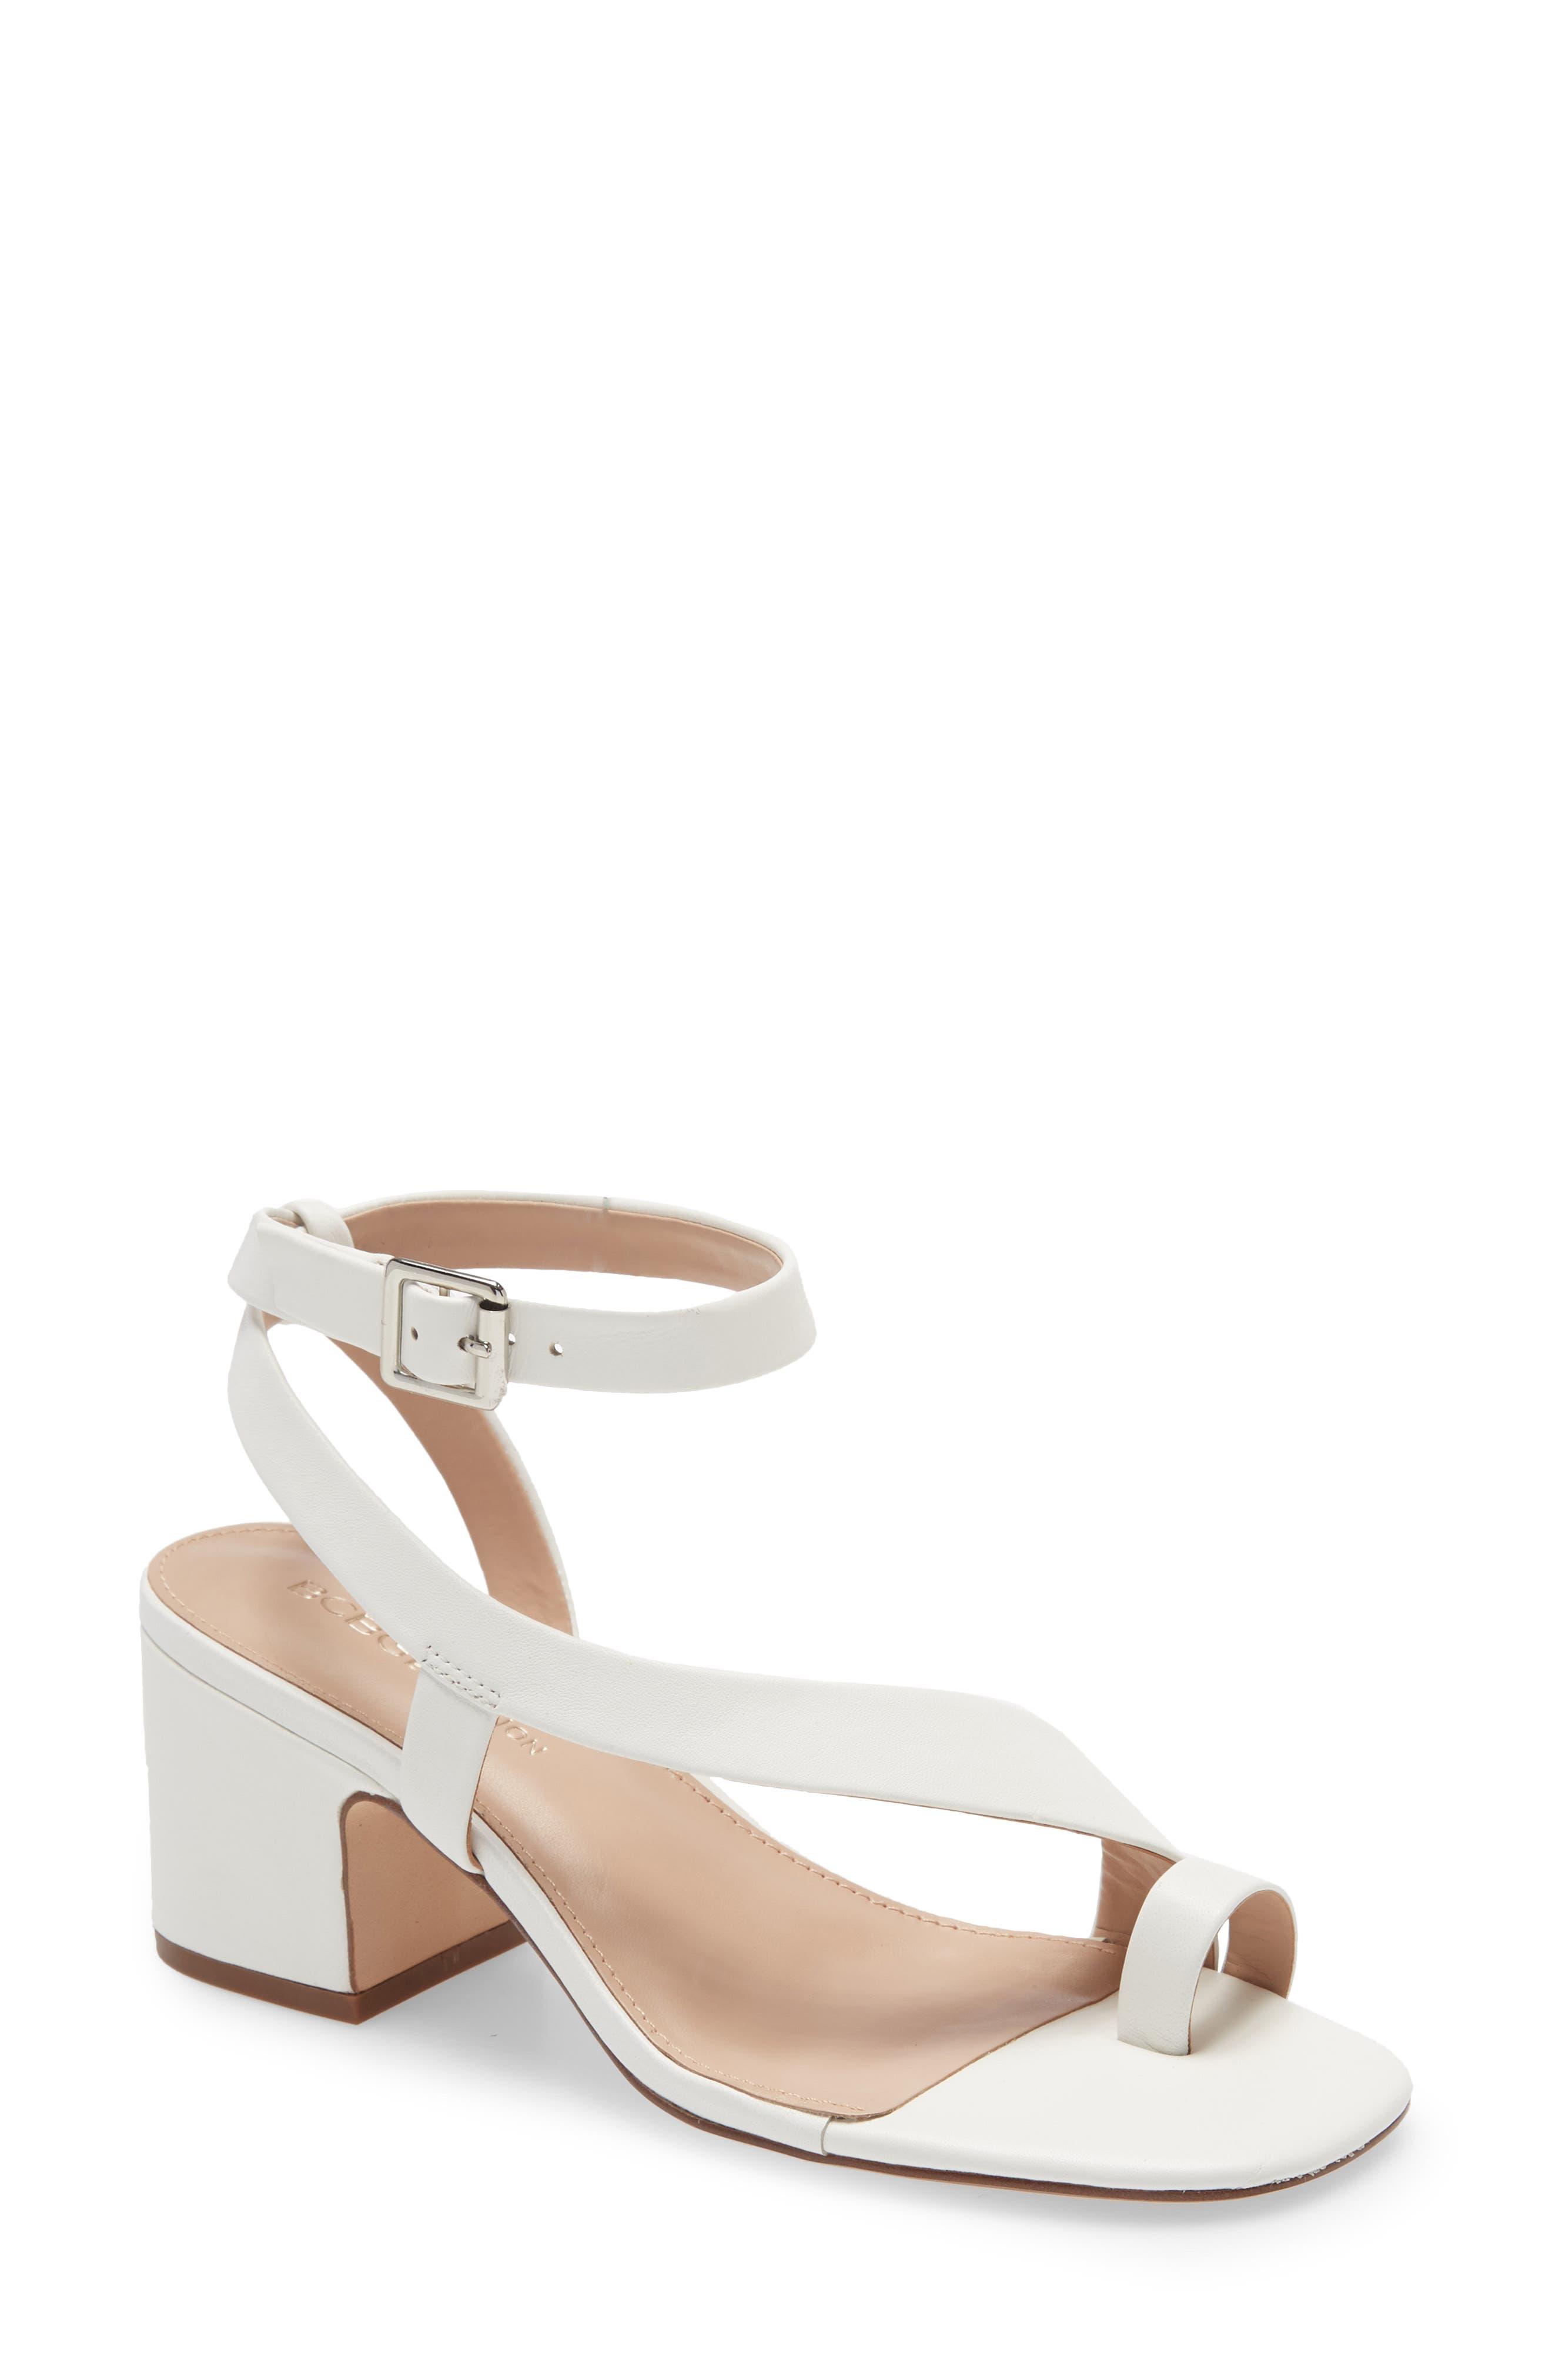 Danni Block Heel Sandal